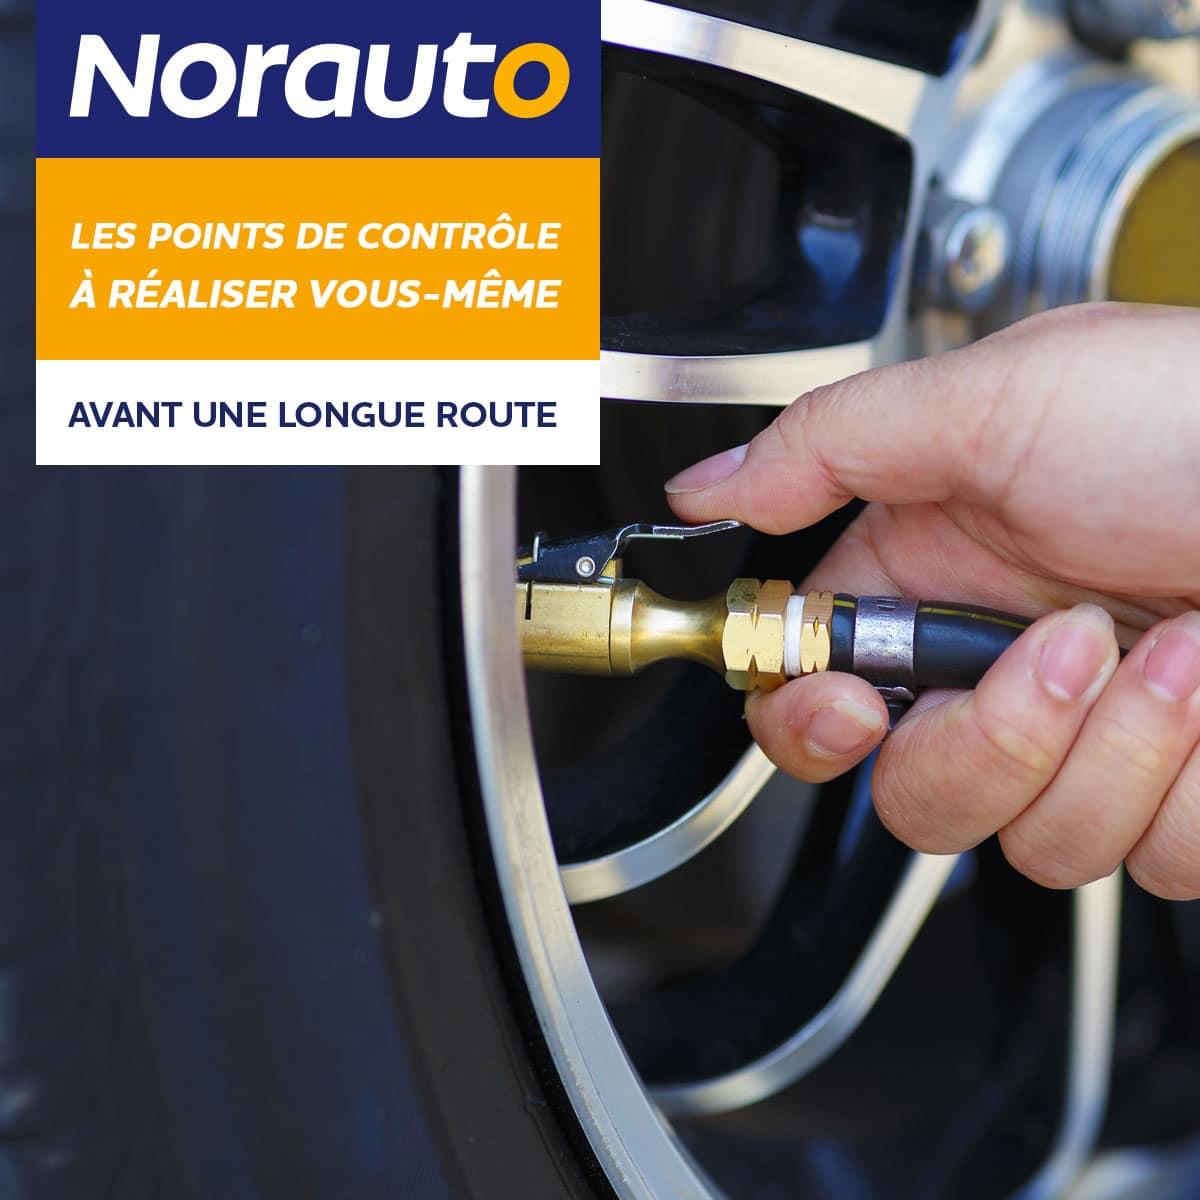 NORAUTO-1200x1200px-Aout2020-POST3